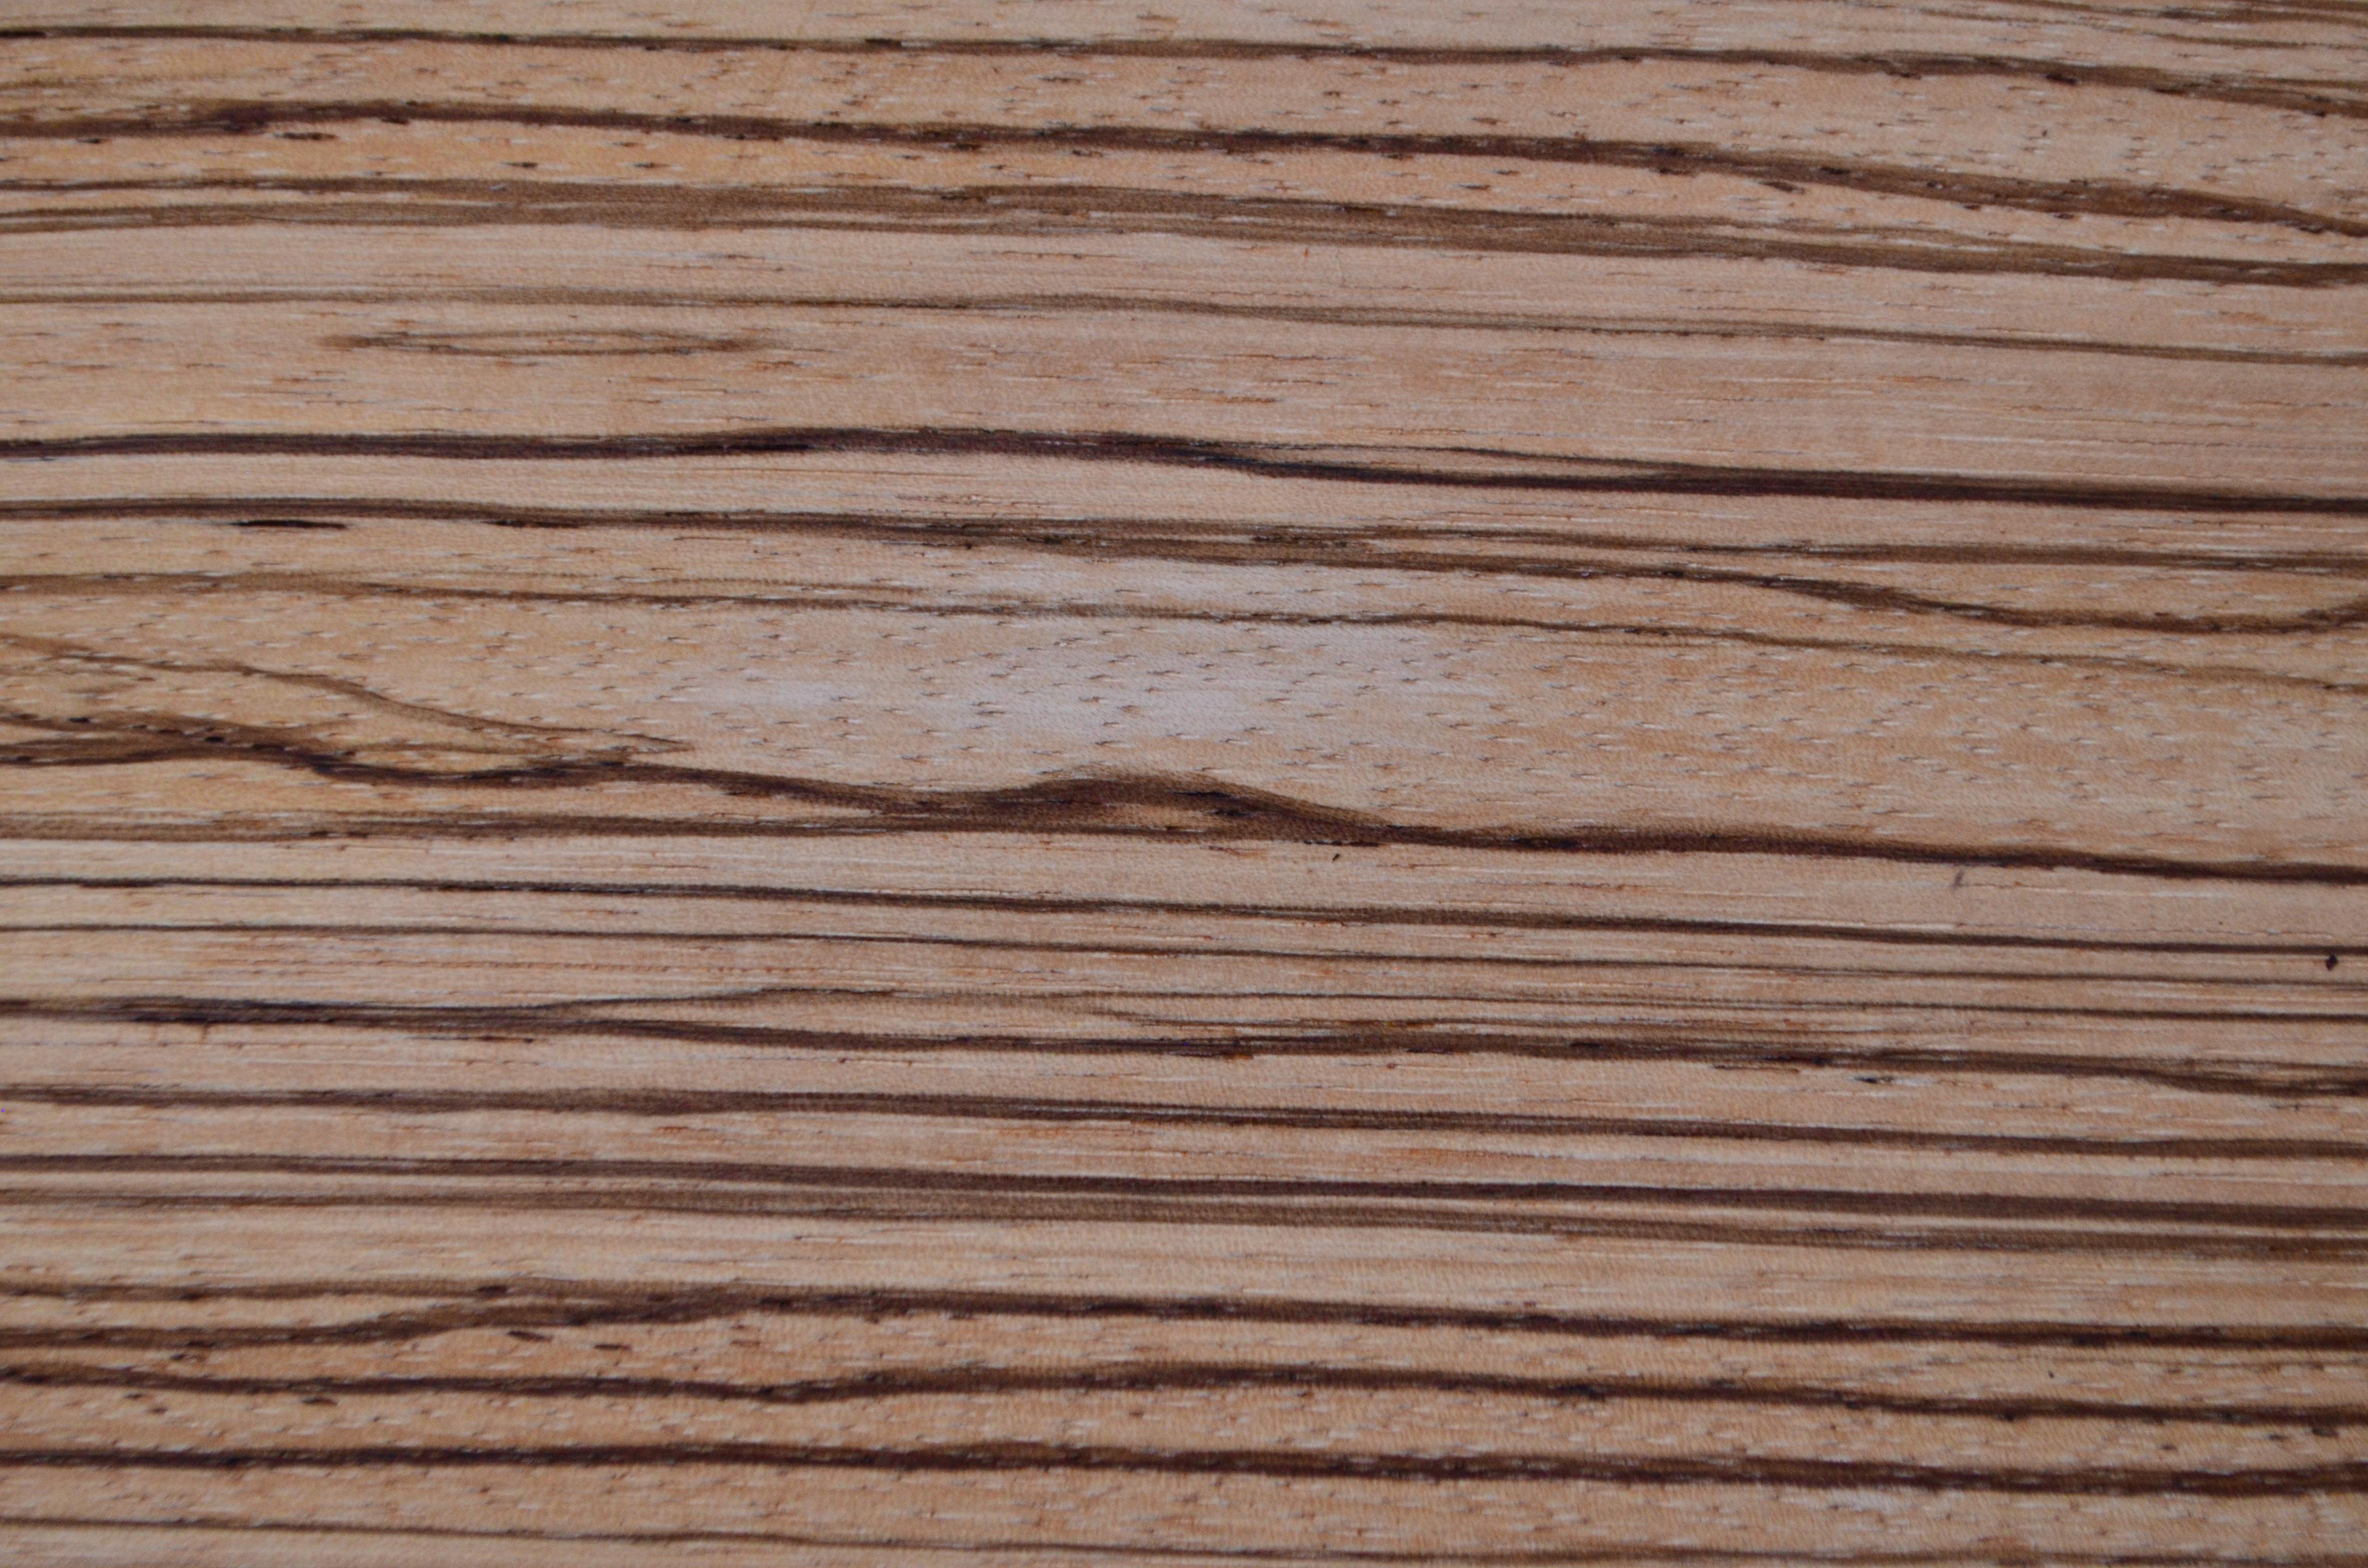 Kuchnie Drewniane Zebrano Naturalny Fornir I Drewno